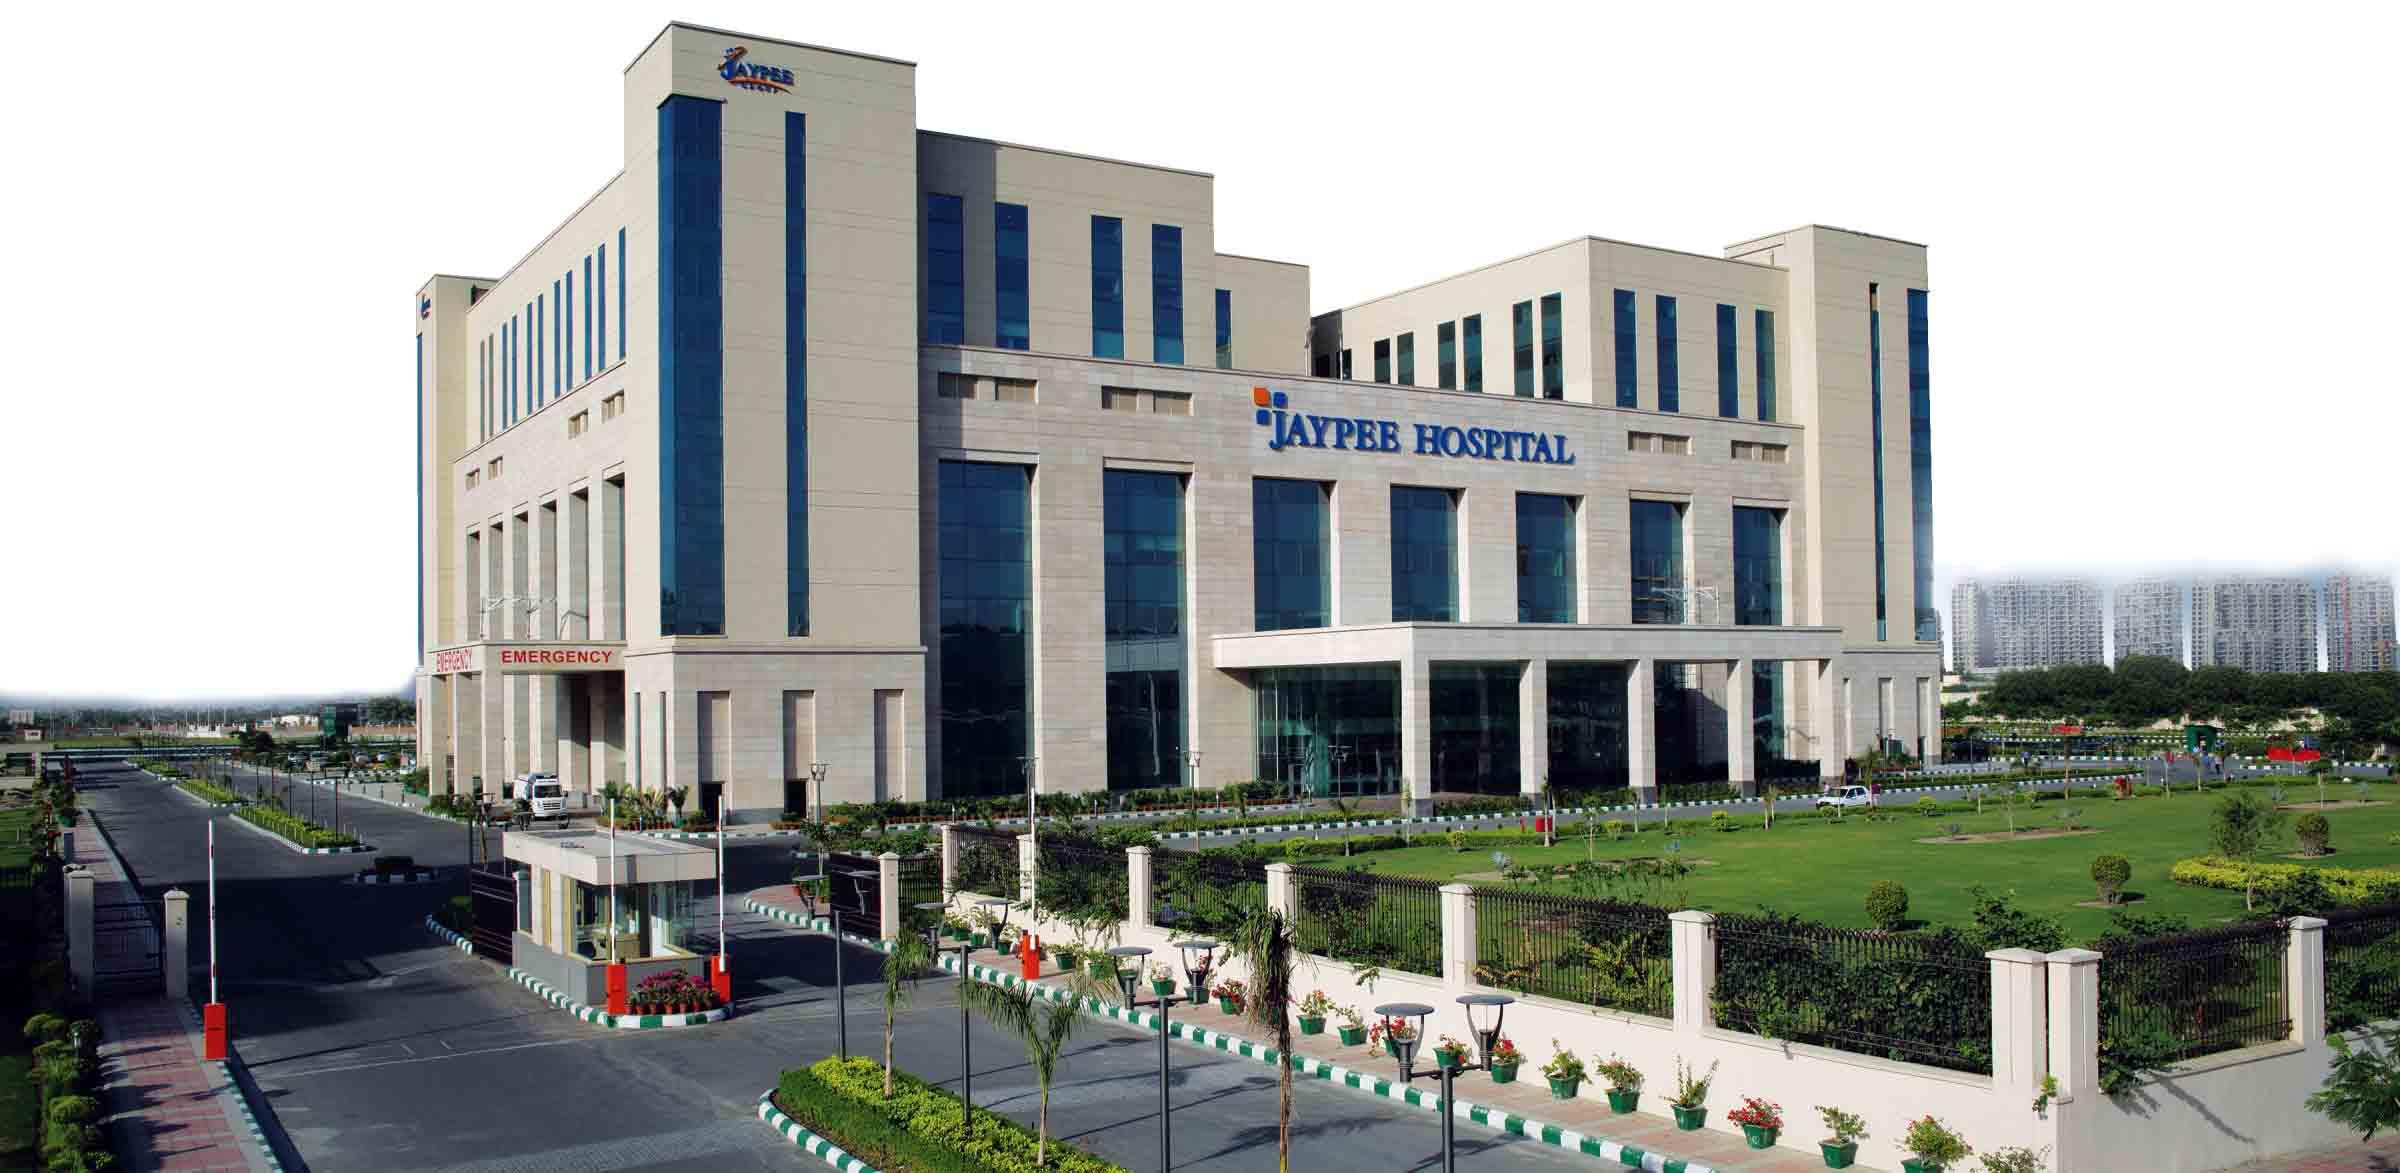 Jaypee Hospital Noida, India